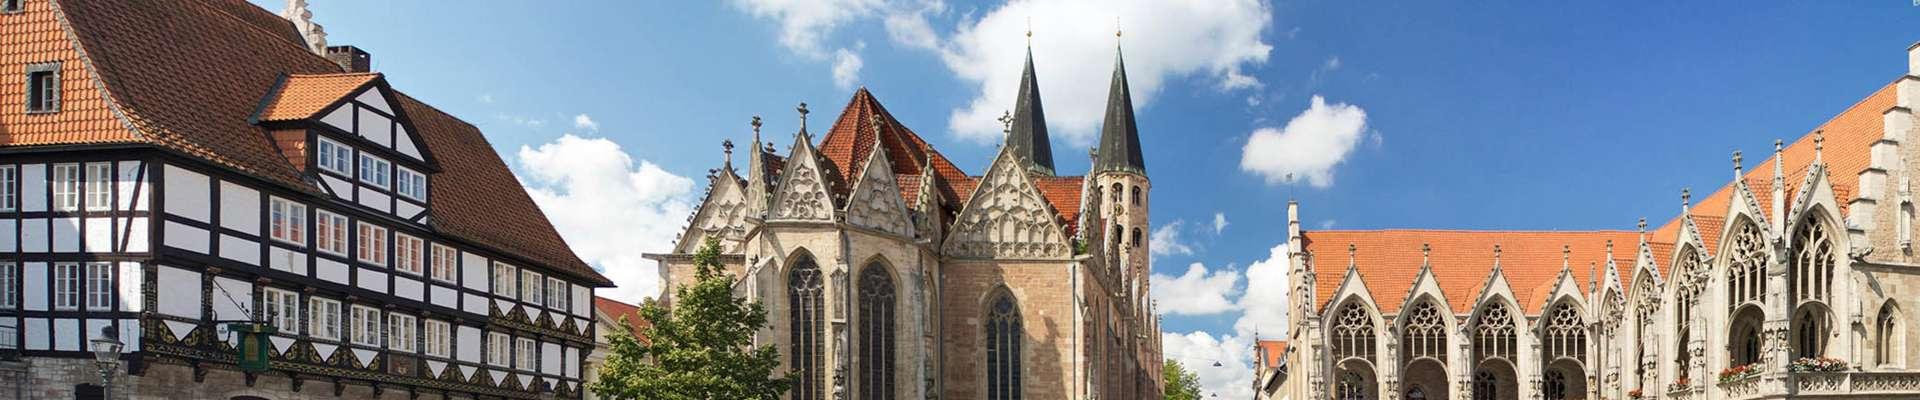 SEO Agentur Braunschweig